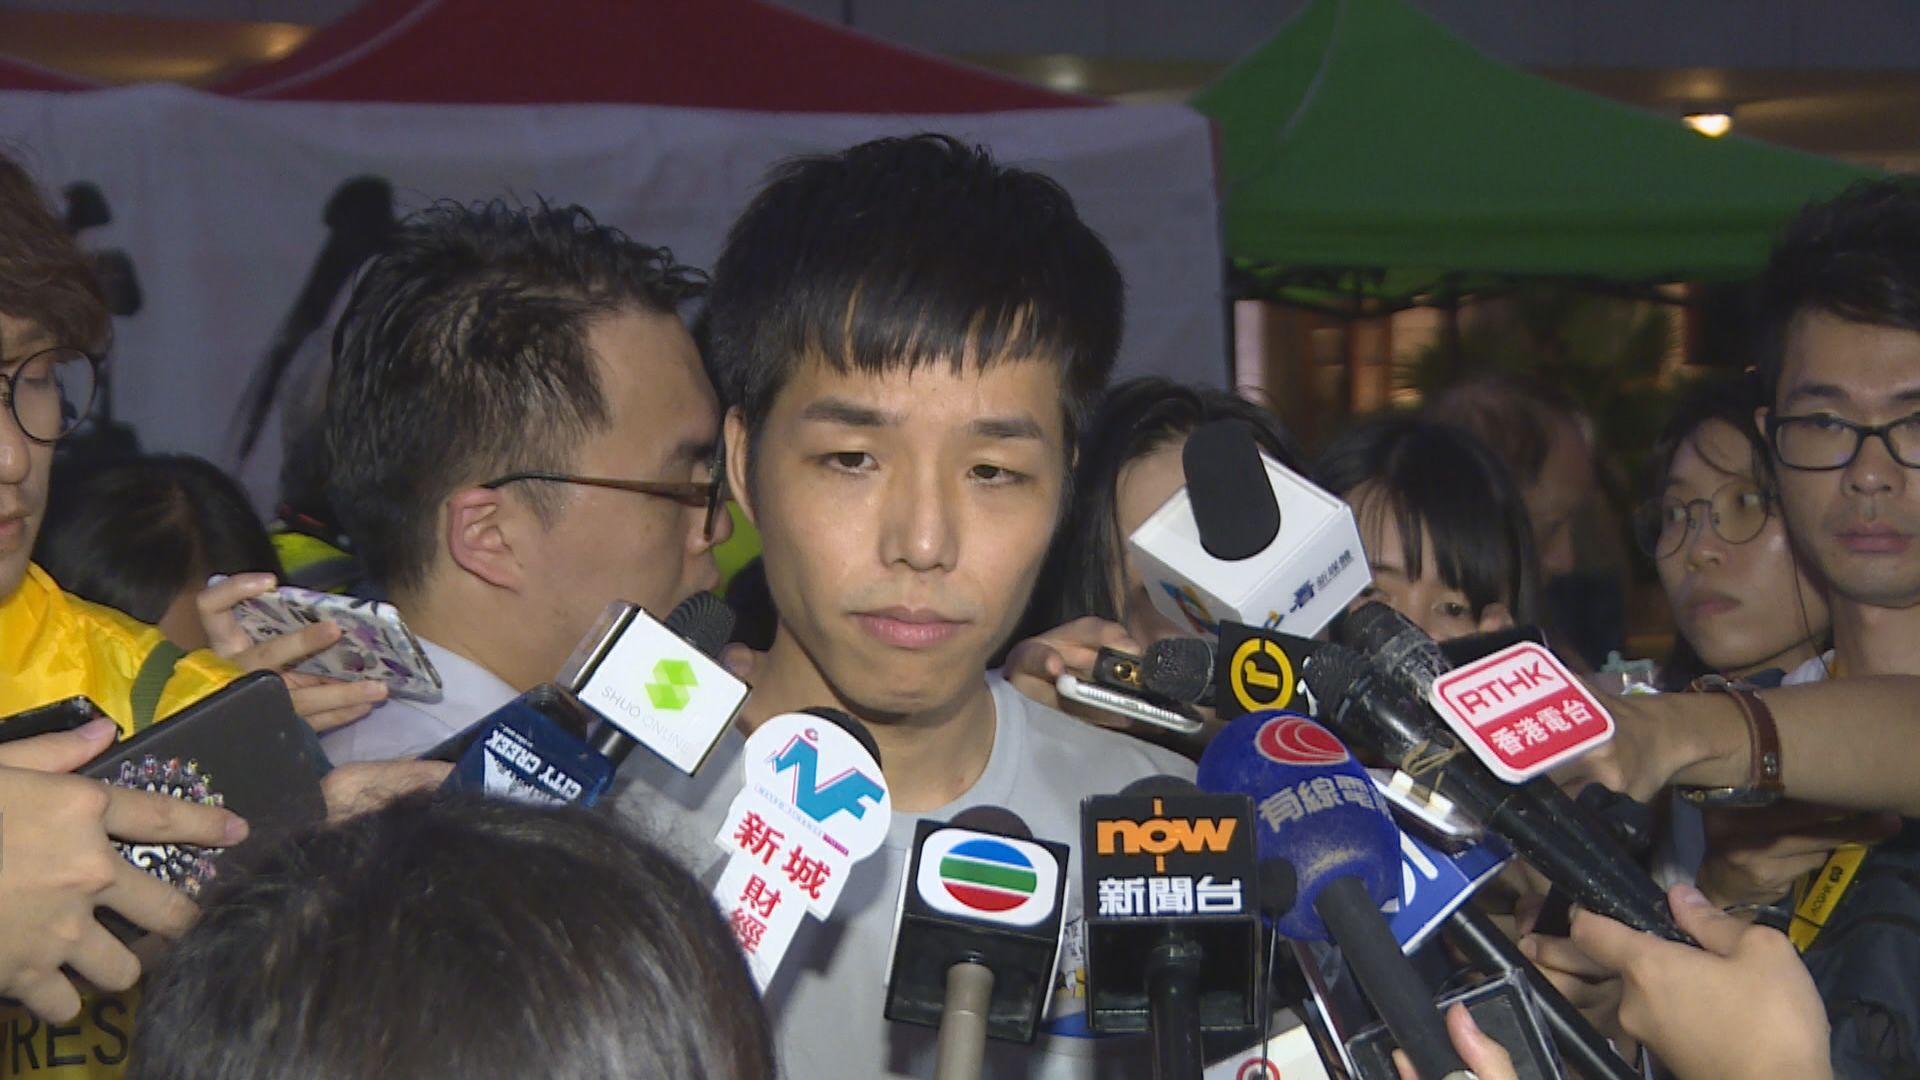 前新公務員工會主席顏武周辭去勞工處職位 曾表明不宣誓